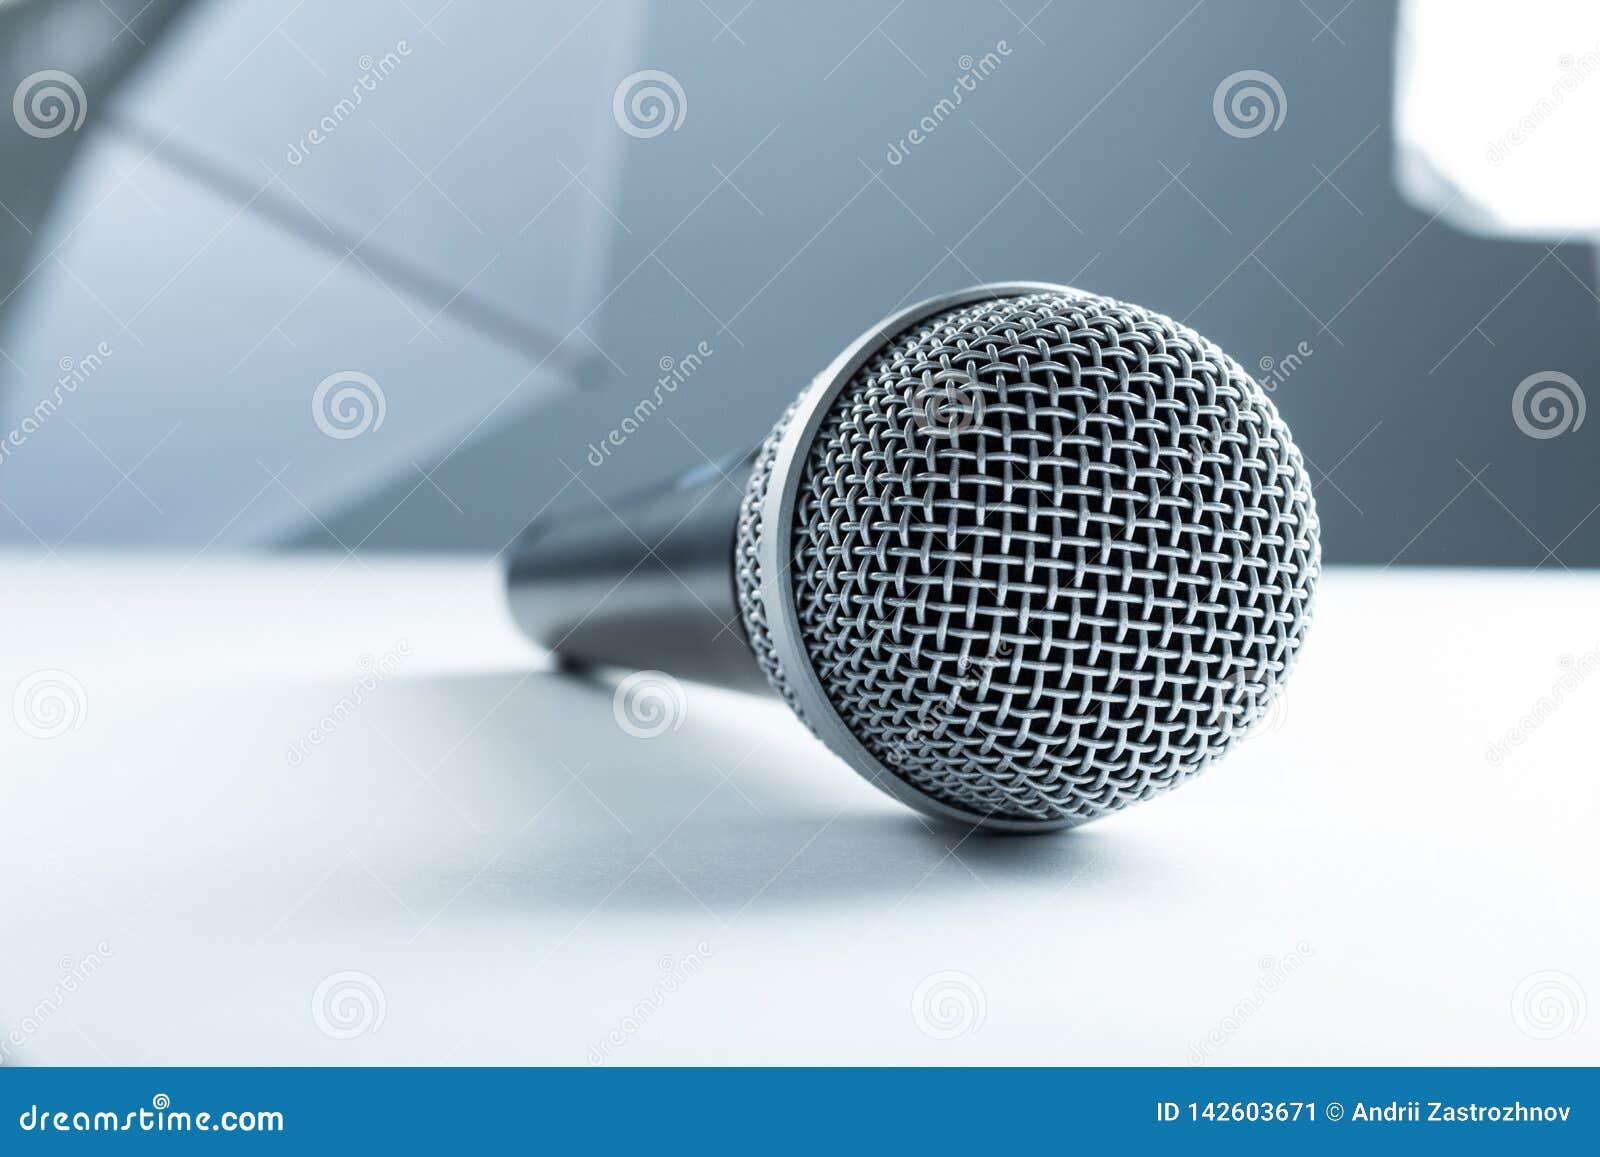 Ένα ασύρματο μικρόφωνο που βρίσκεται σε έναν άσπρο πίνακα Στα πλαίσια του εξοπλισμού στούντιο, μαλακά κιβώτια